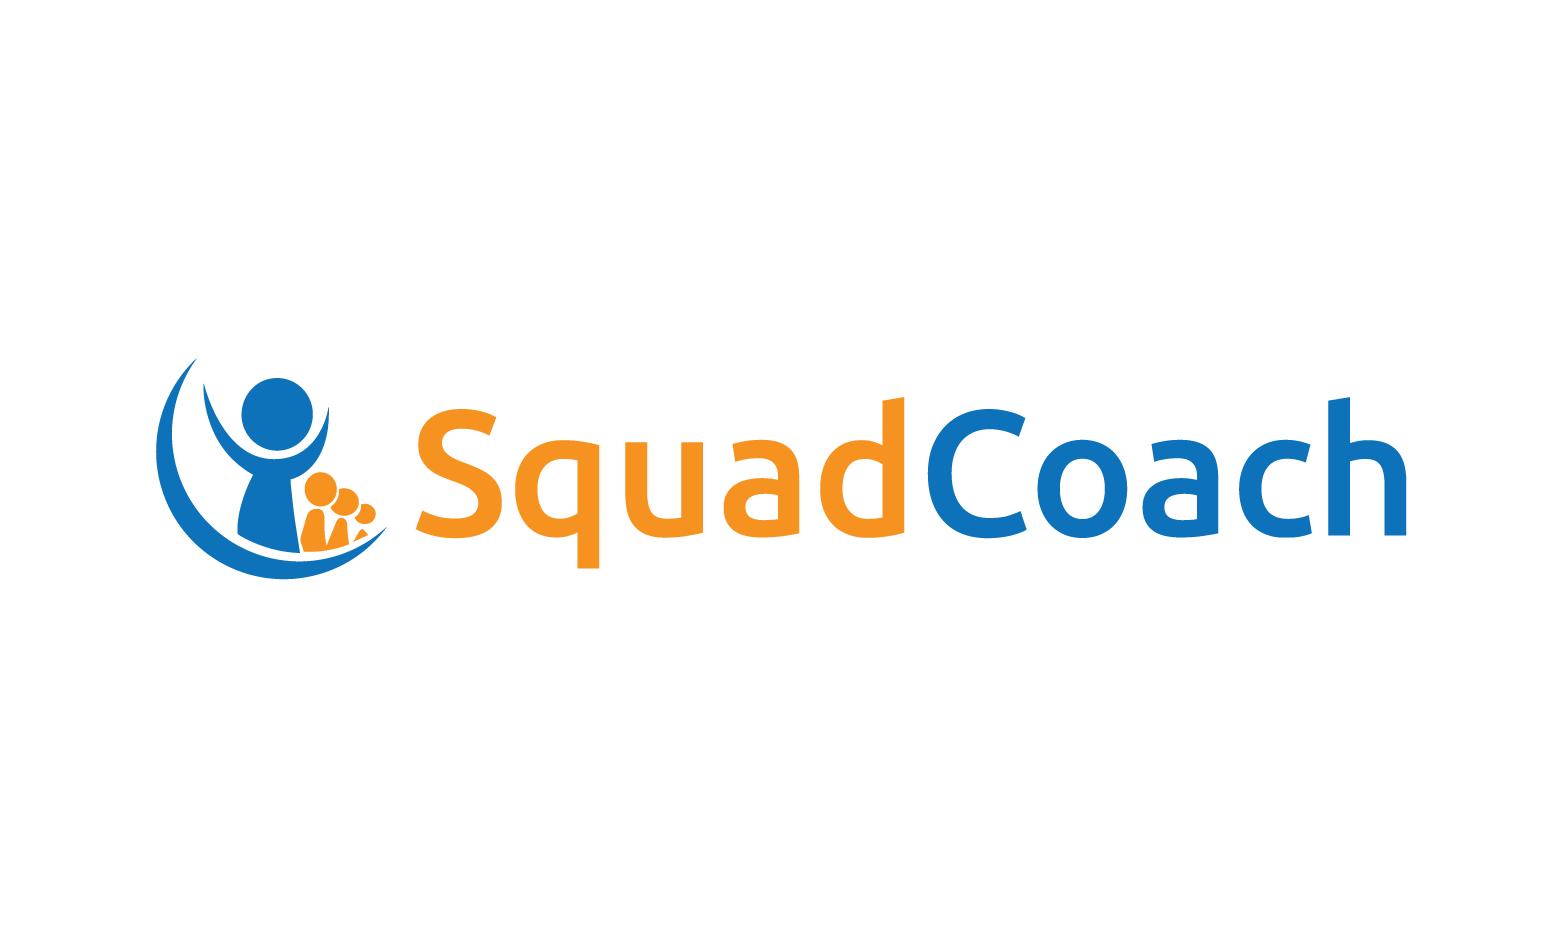 SquadCoach.com